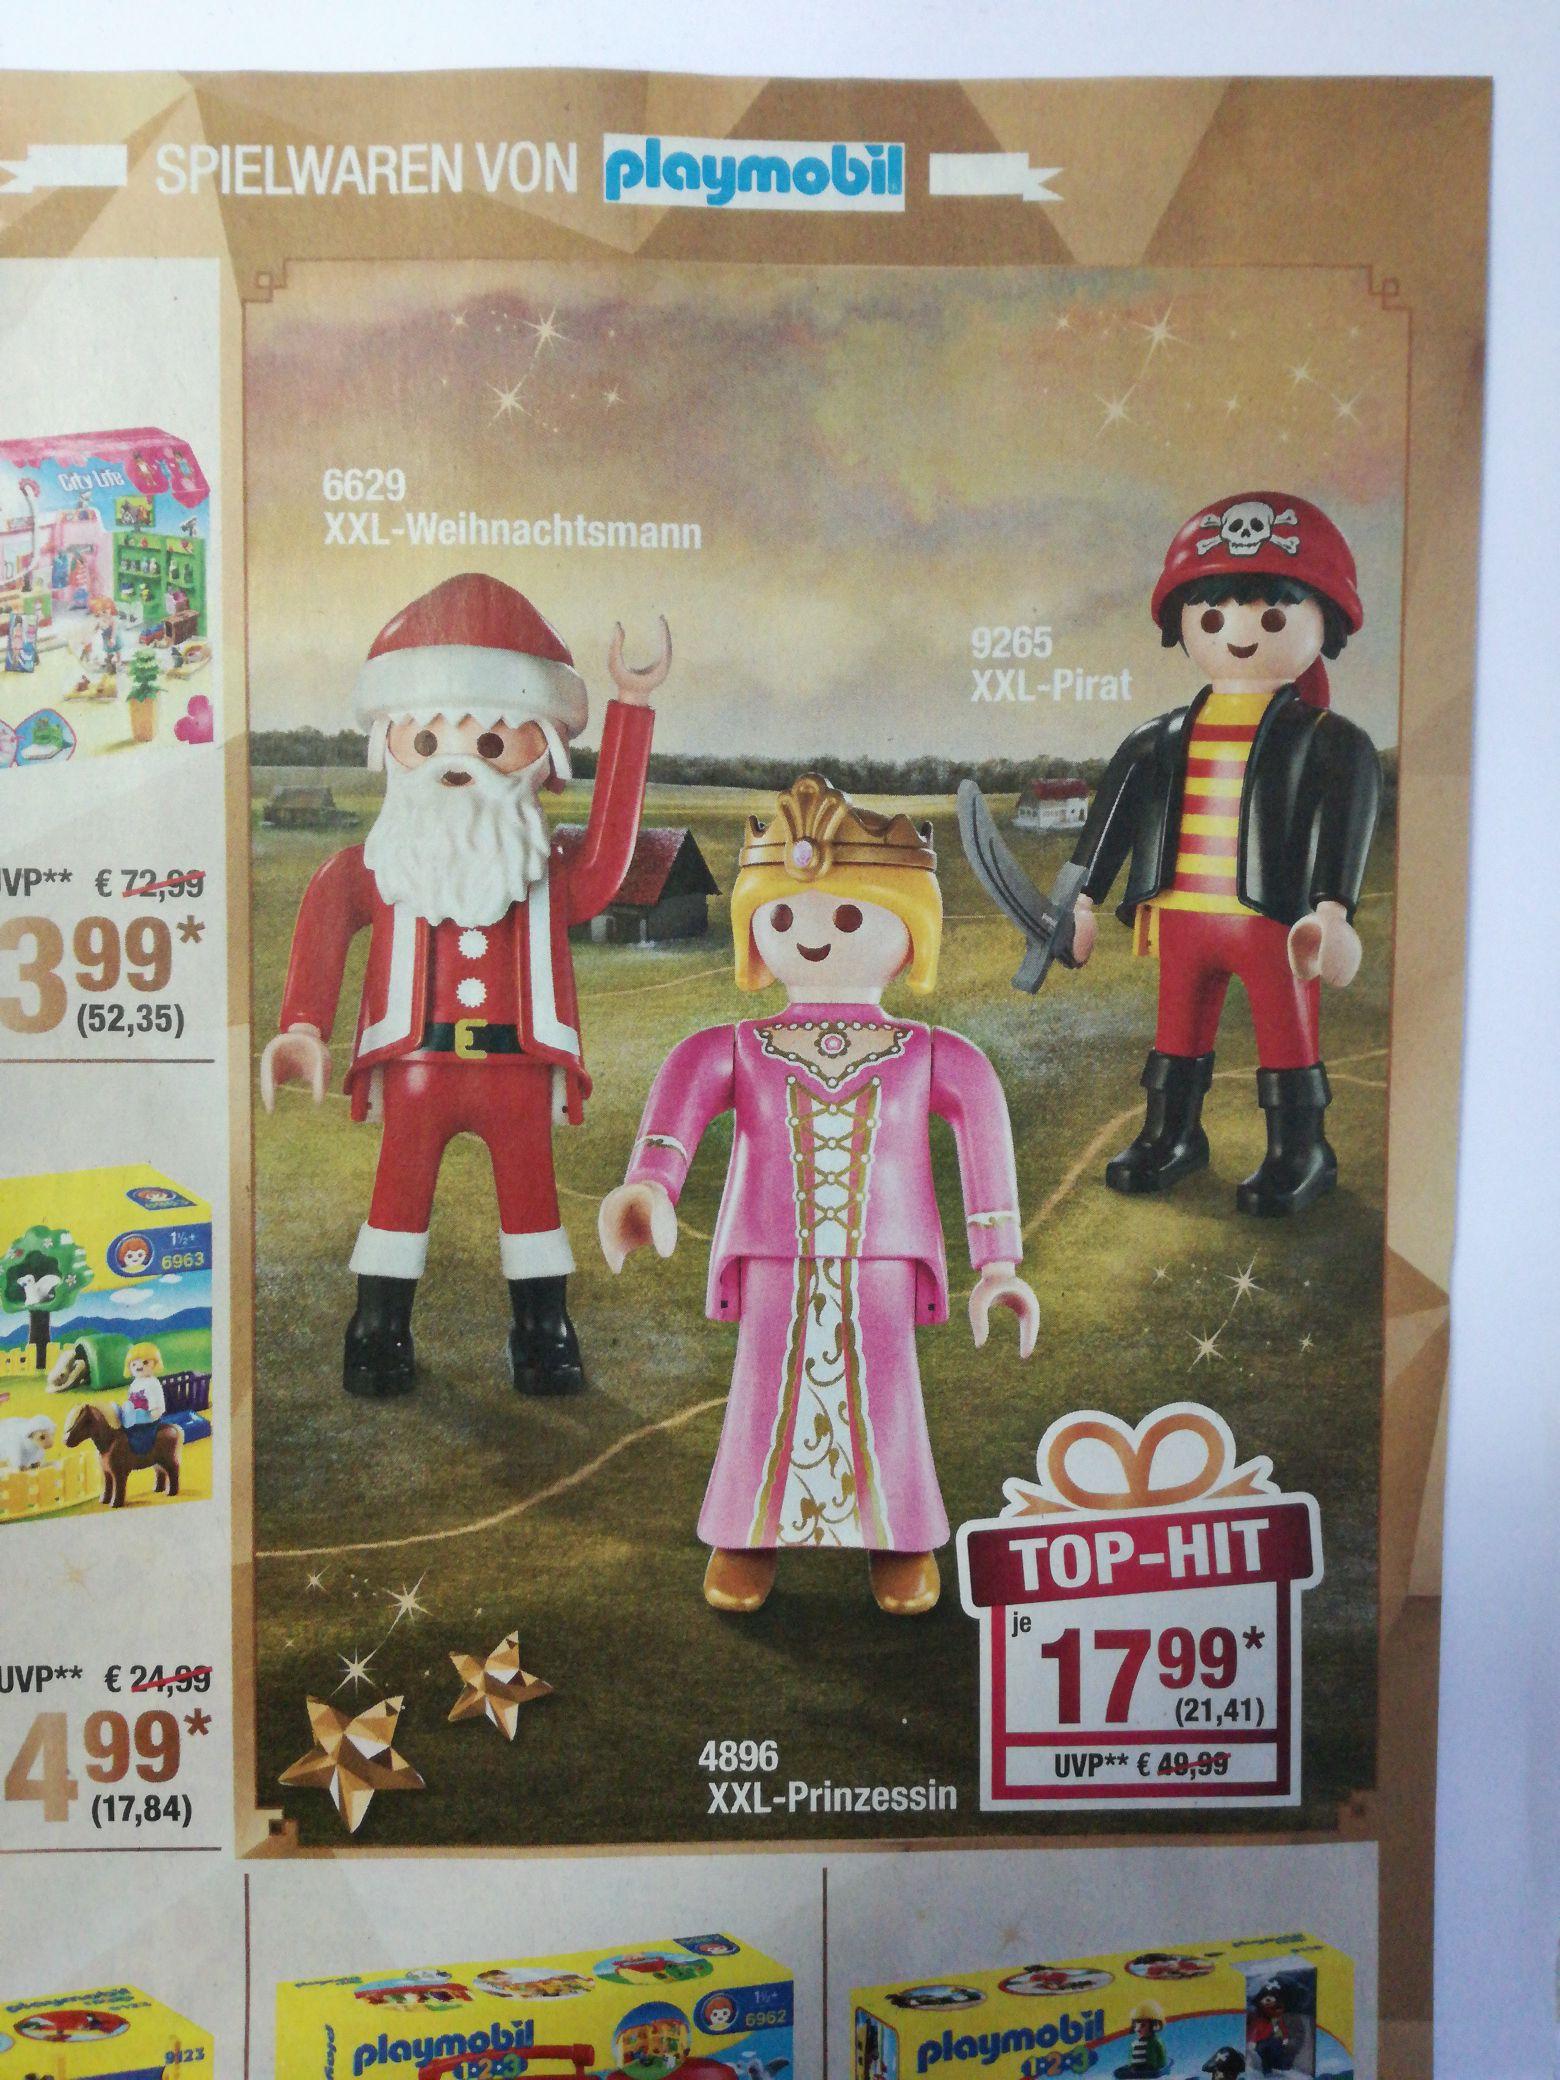 Playmobil XXL-Weihnachtsmann, XXL-Pirat, XXL-Prinzessin